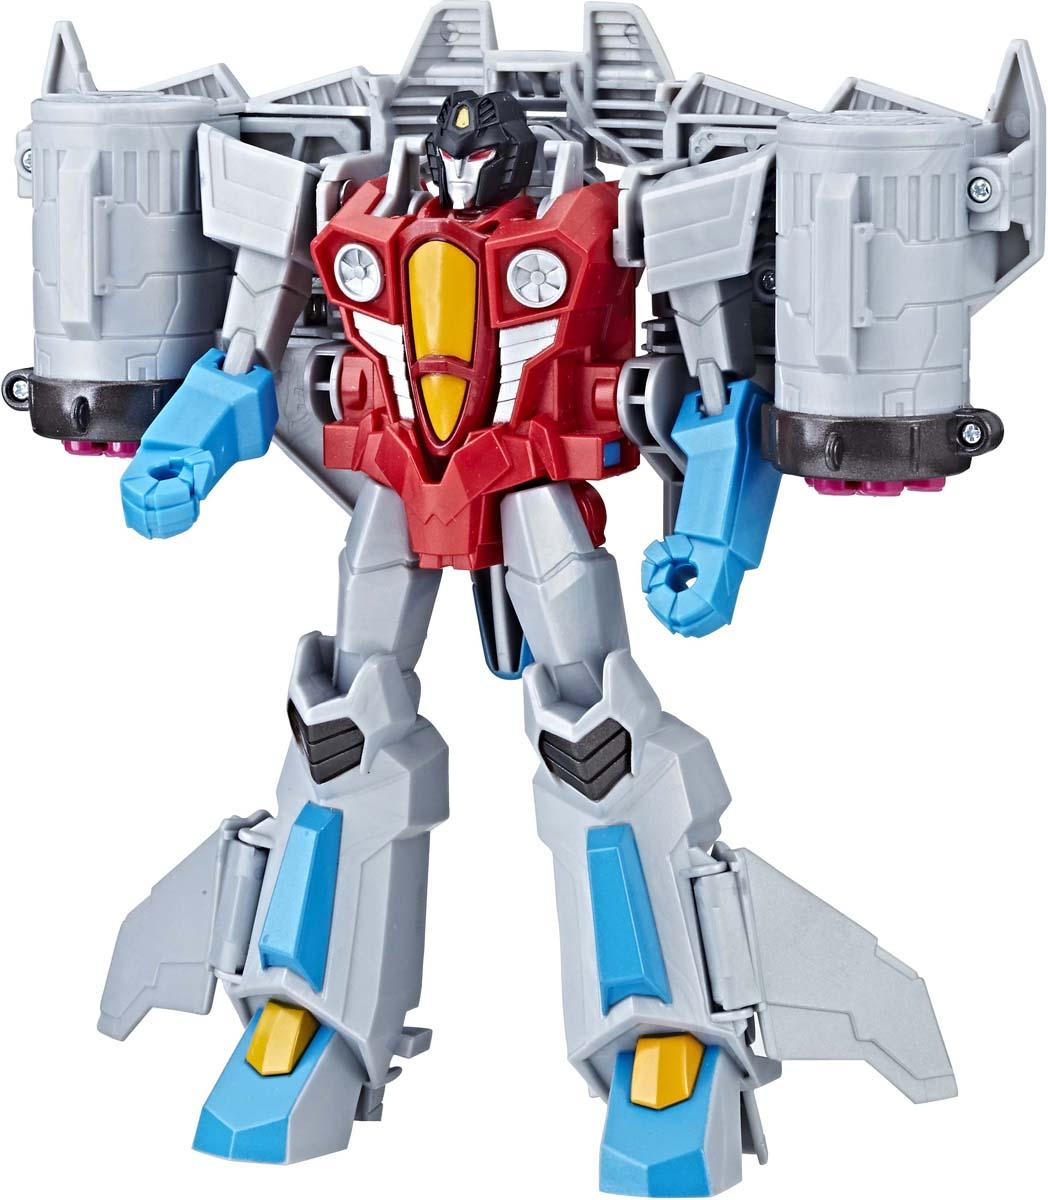 Игрушкатрансформер Transformers Кибервселенная, 19 см. E1886_E1906 transformers трансформер brawl